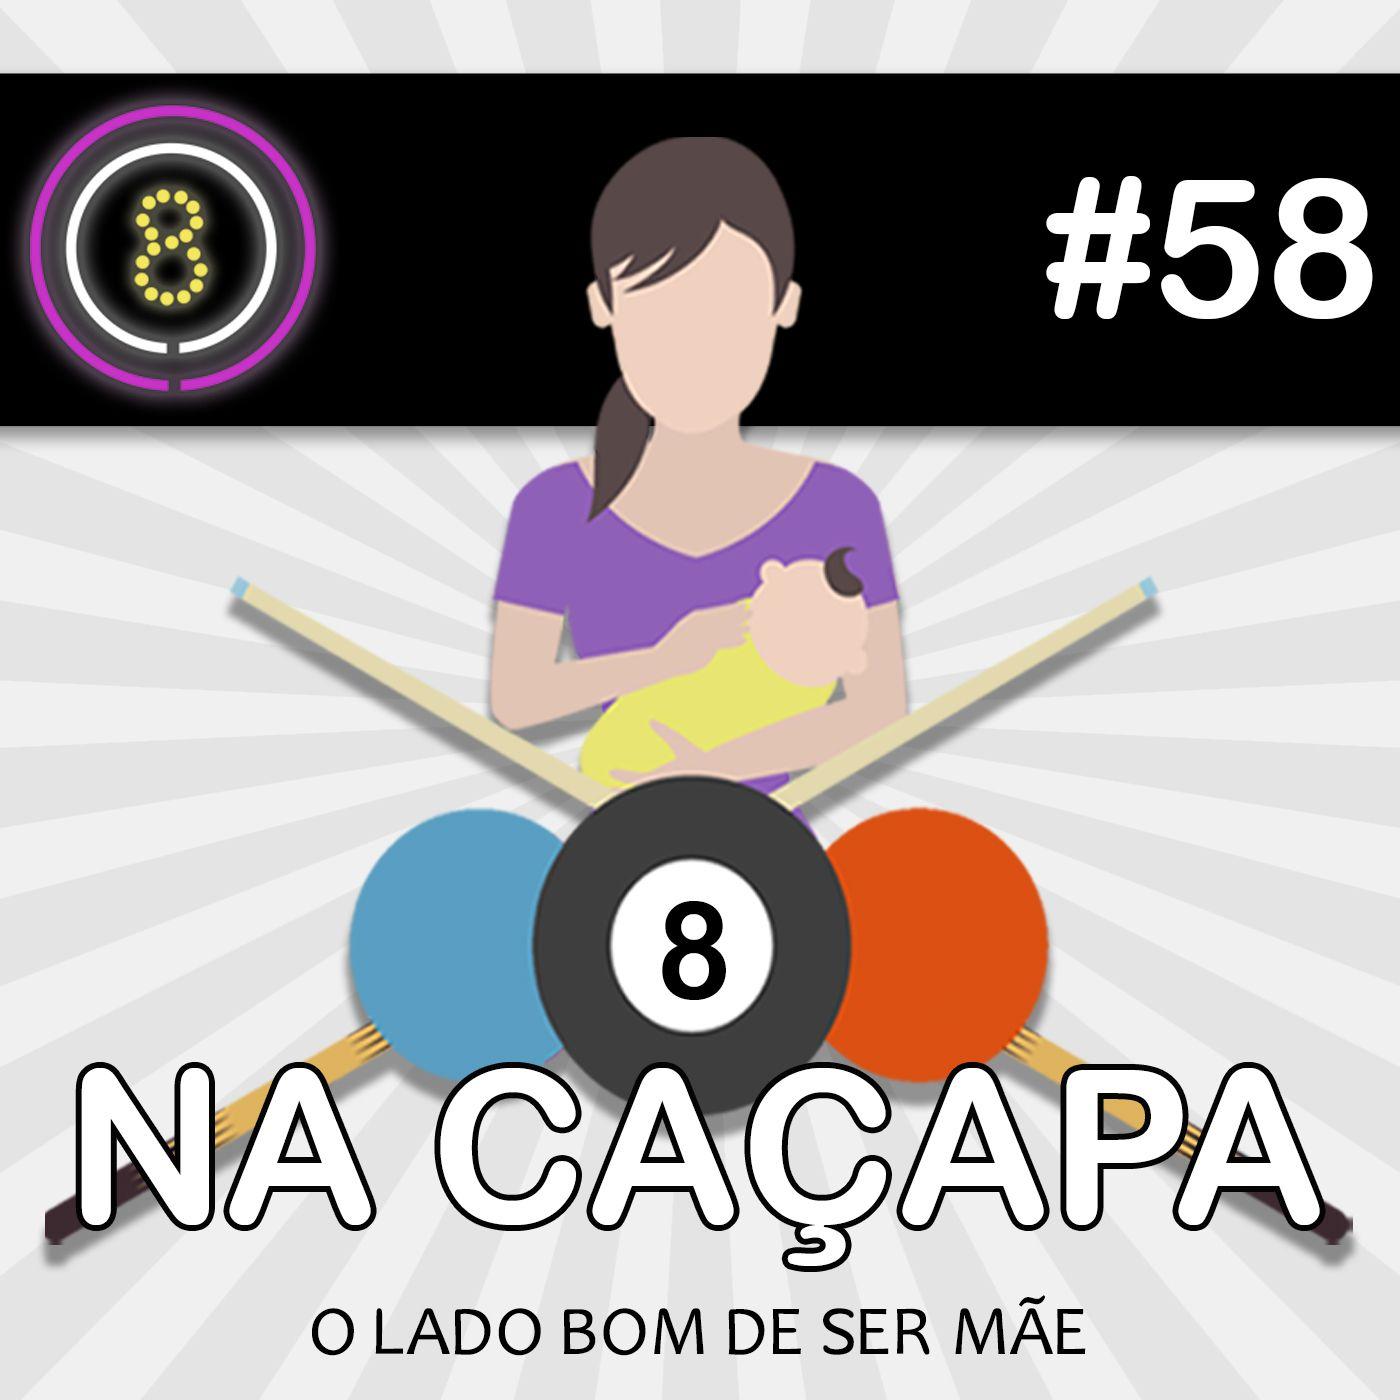 #58 - O lado bom de ser mãe (Na Caçapa 10)